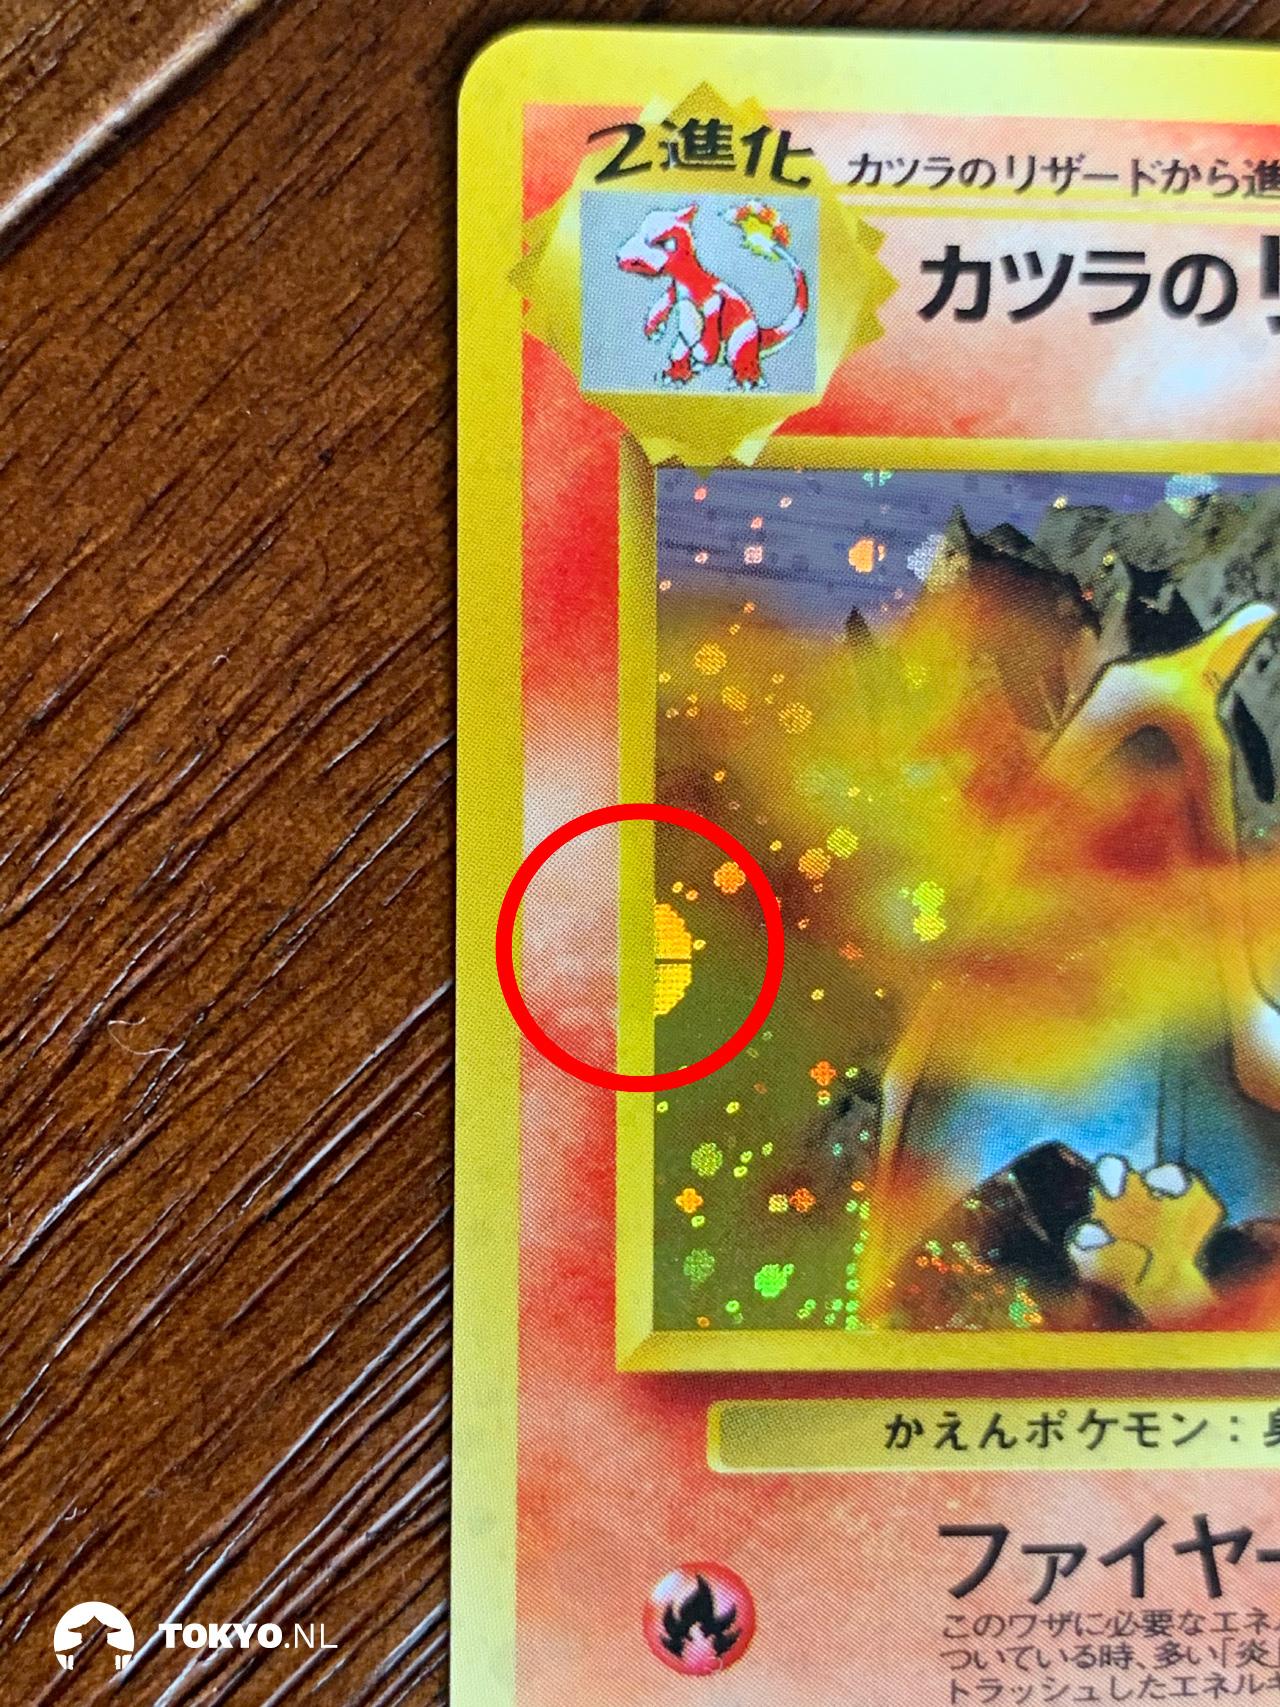 Printlines & Holo bleed Pokémon kaart